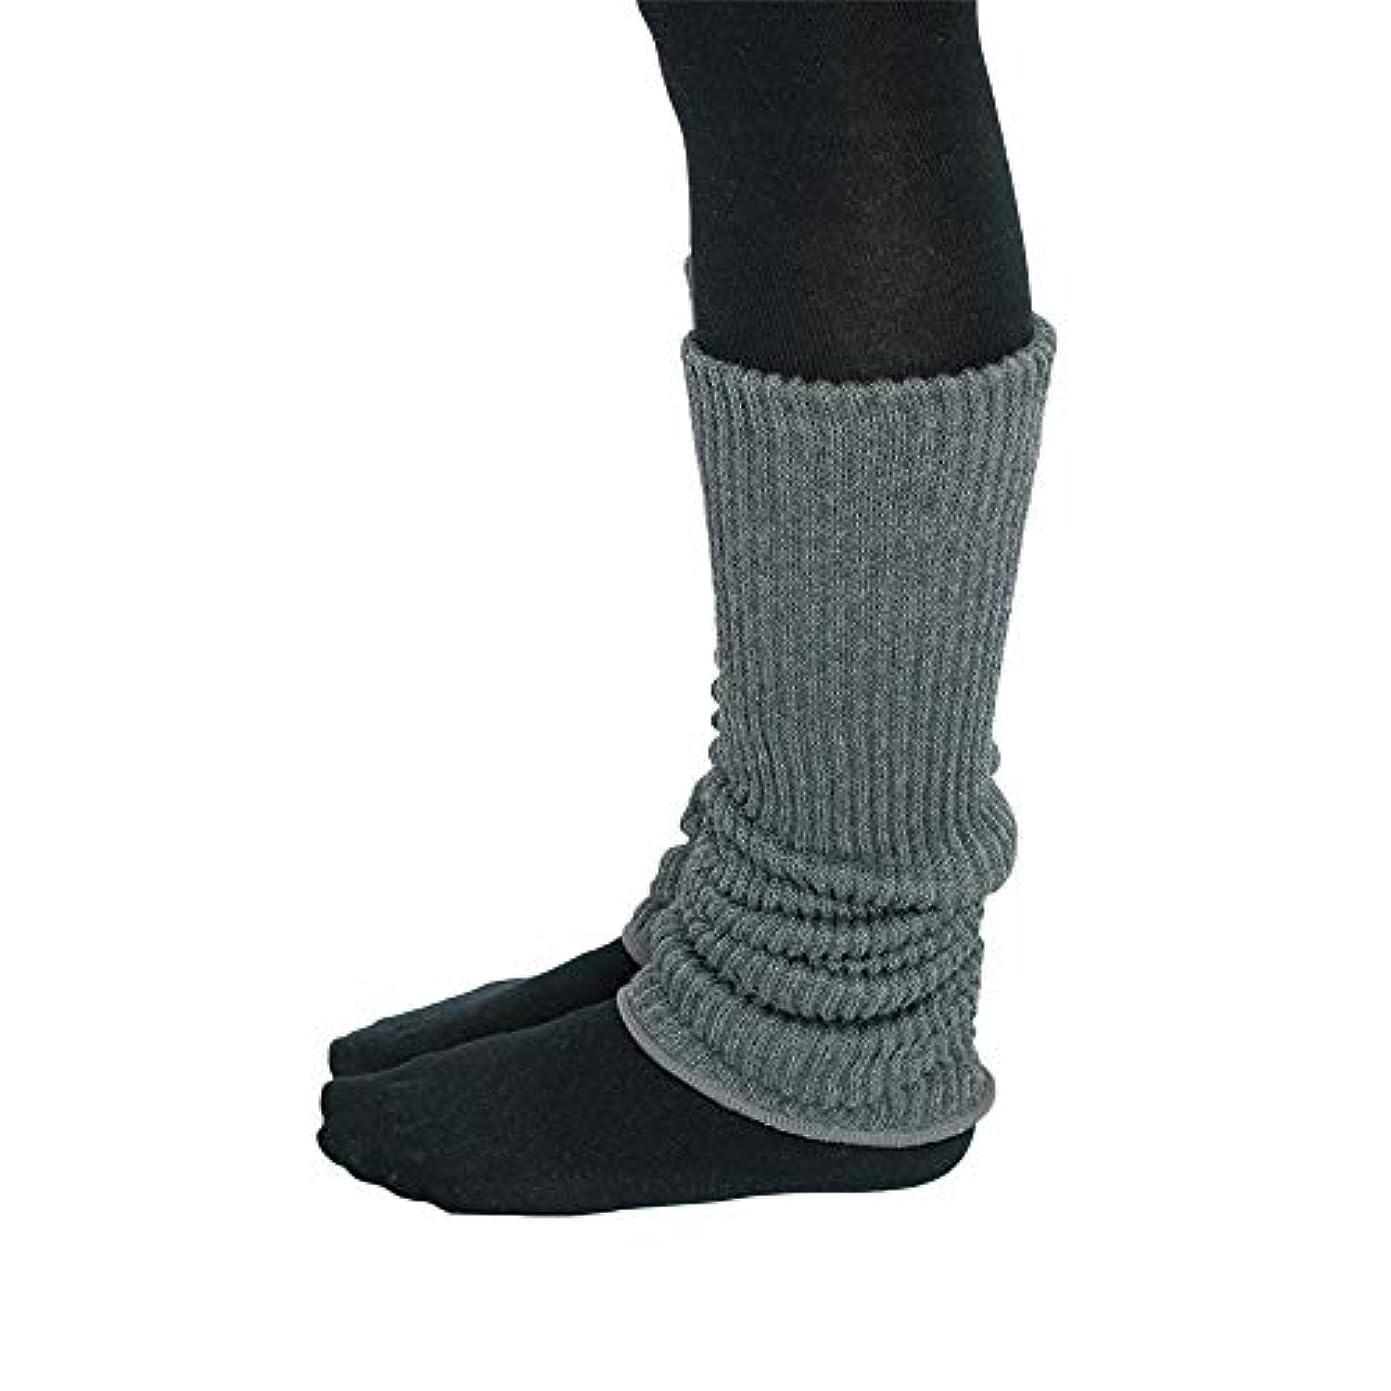 これまで増強平等シルク コットン 2重編 レッグウォーマー [日本製] 約45cmの内絹外綿の2重織り縫製であったかぬくぬくの 厚手 レッグウォーマー made in Japan (グレー杢)